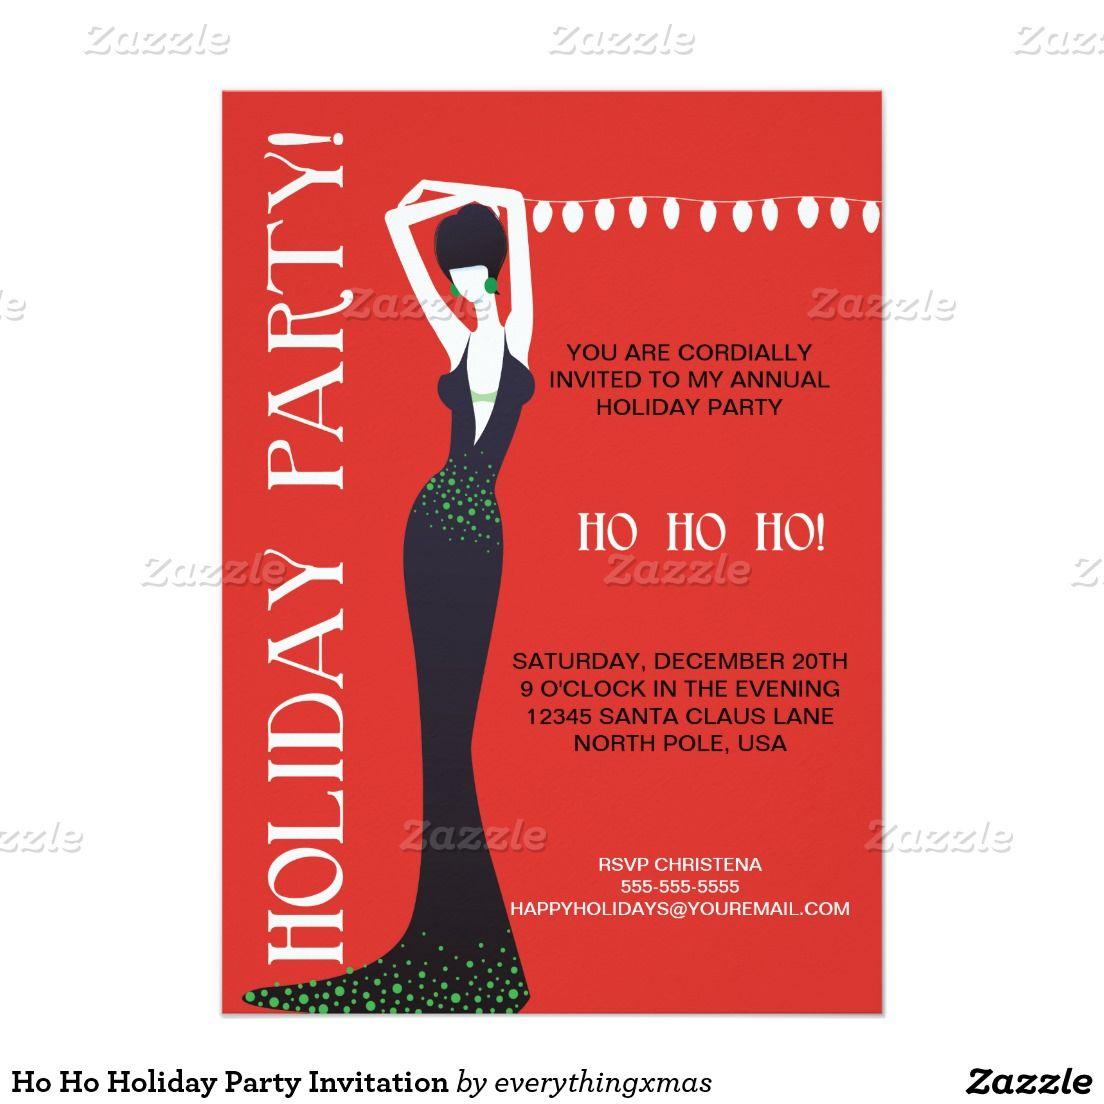 Ho Ho Holiday Party Invitation | Christmas Ideas | Pinterest ...